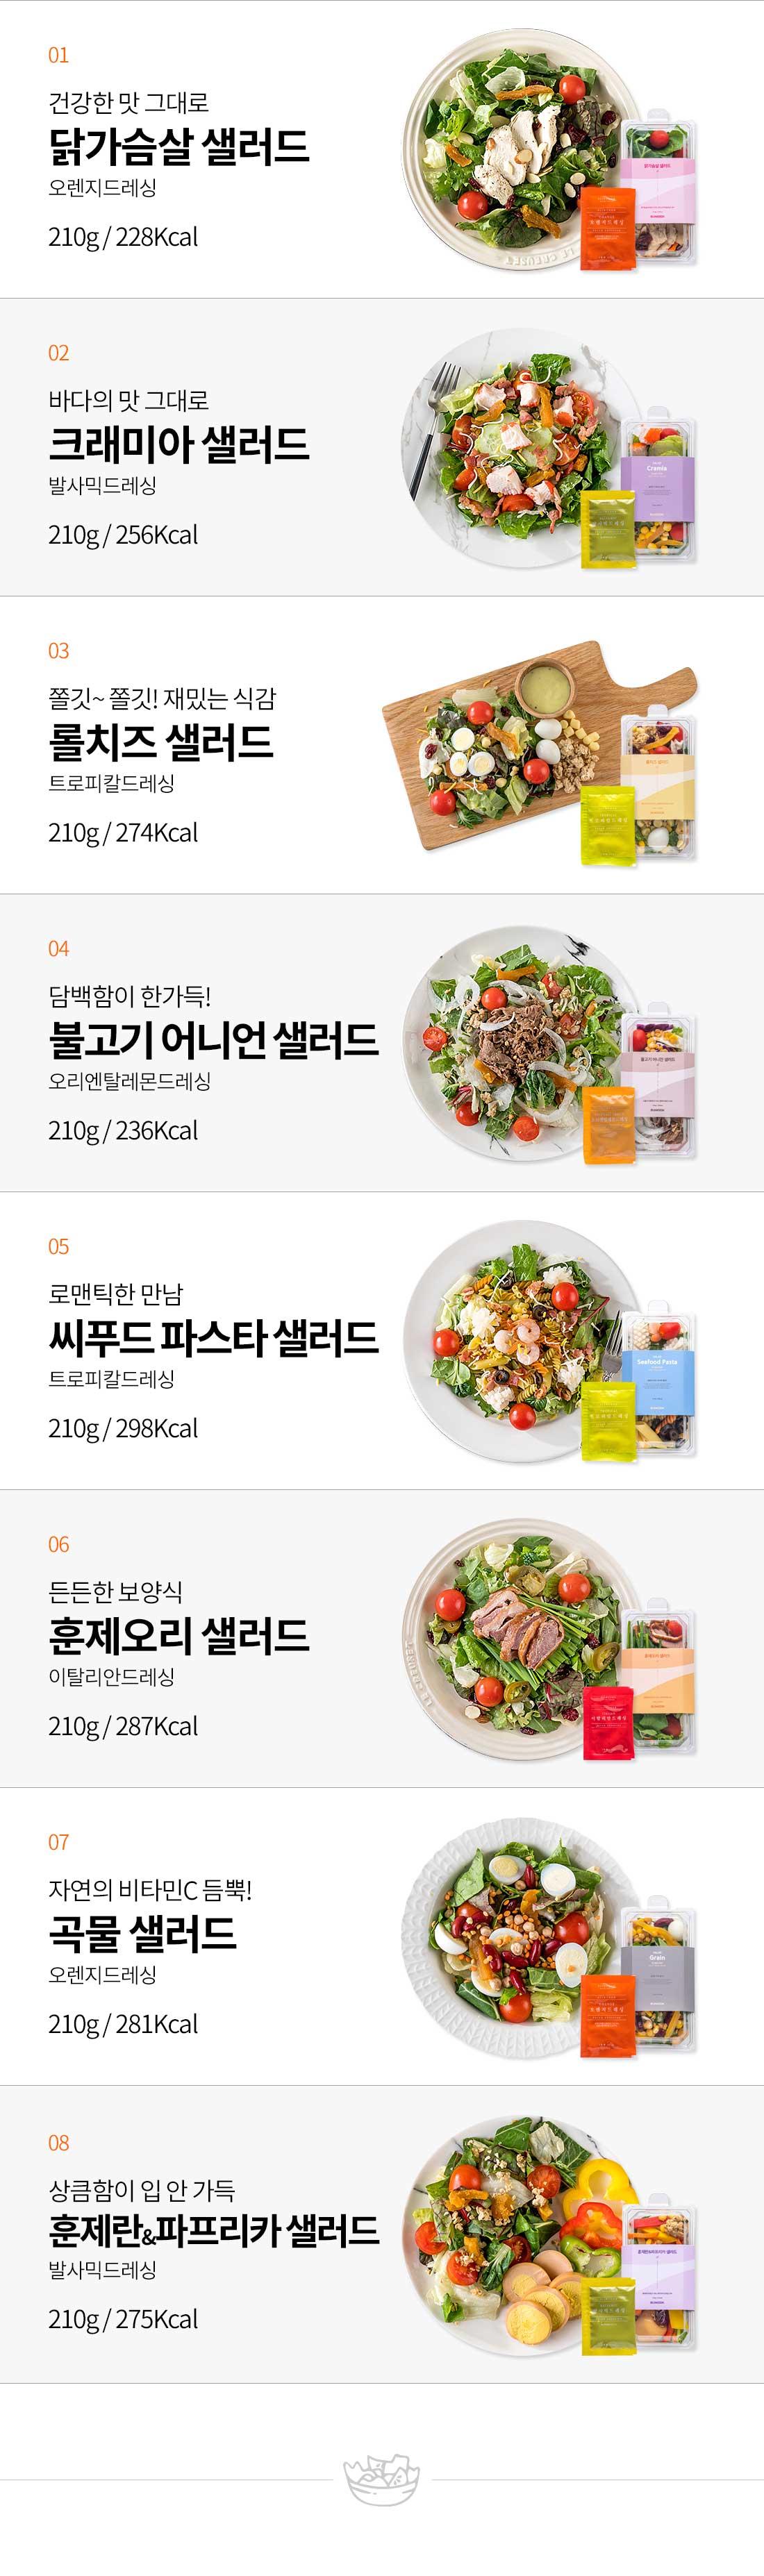 슬림쿡 샐러드 8종 맛보기 목록